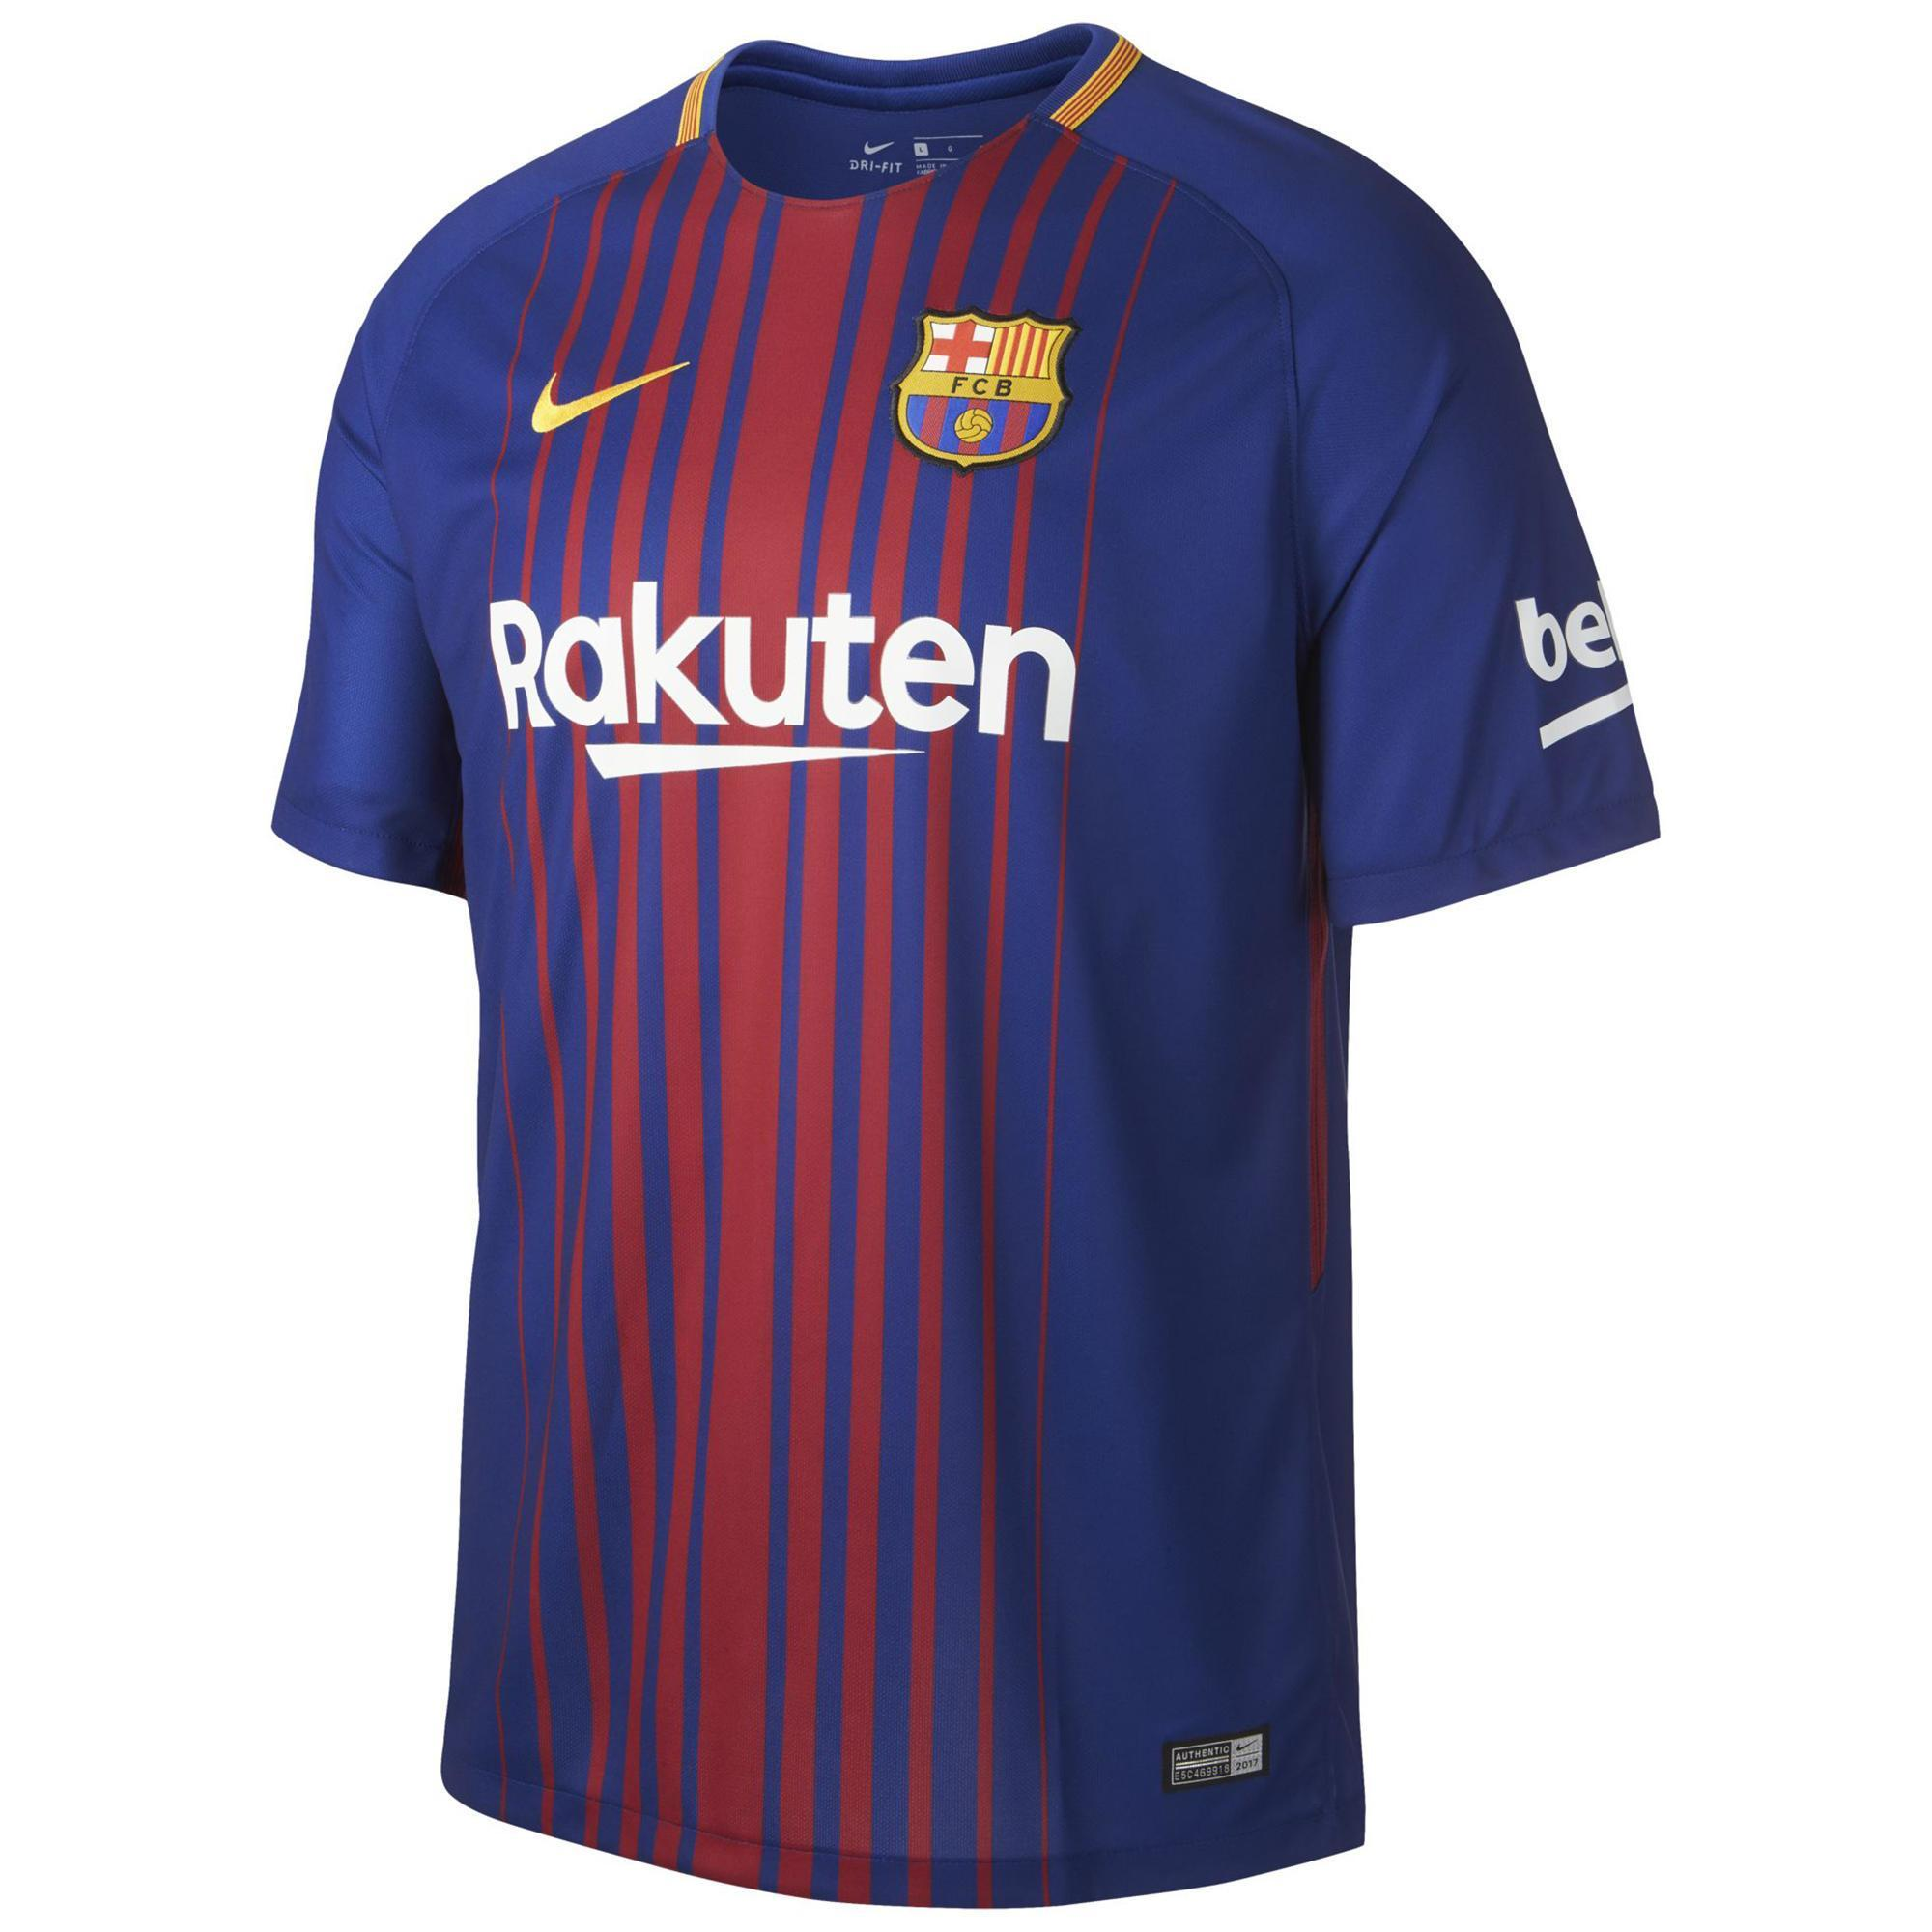 Equipación y Camiseta Oficial F.C. Barcelona 18 19  e467babf13e